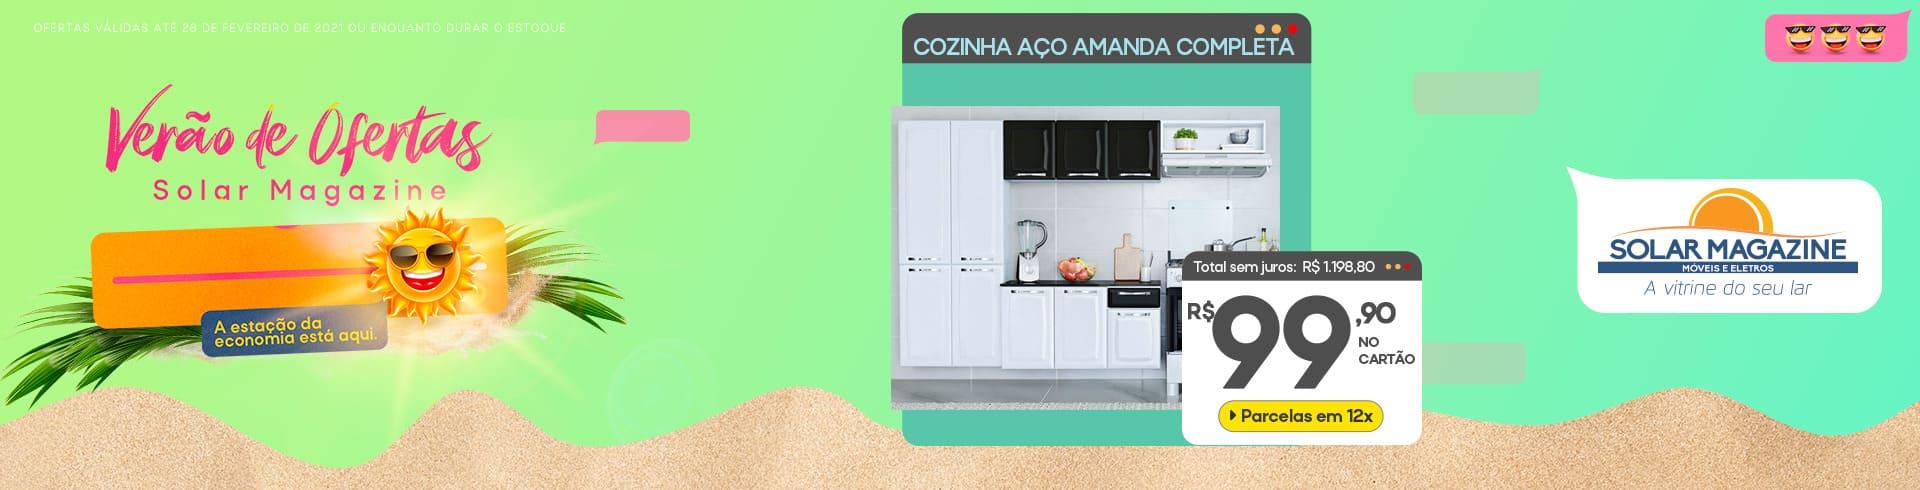 Cozinha Amanda 01 a 15/02